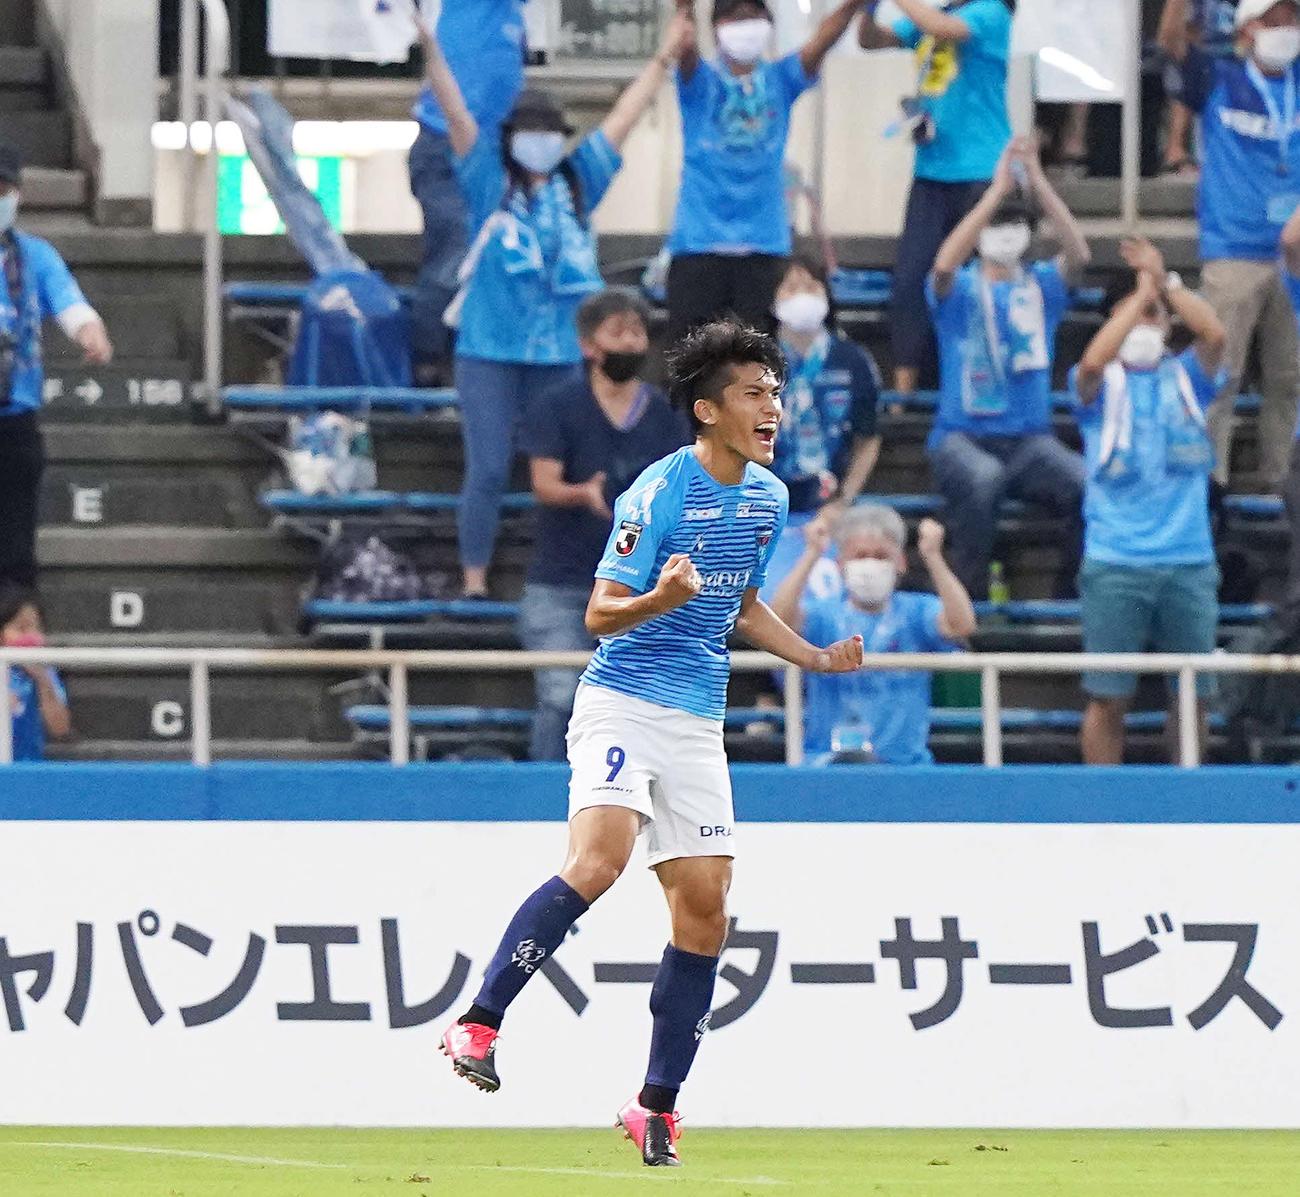 前半、先制ゴールを決めガッツポーズする横浜FC・FW一美(撮影・江口和貴)